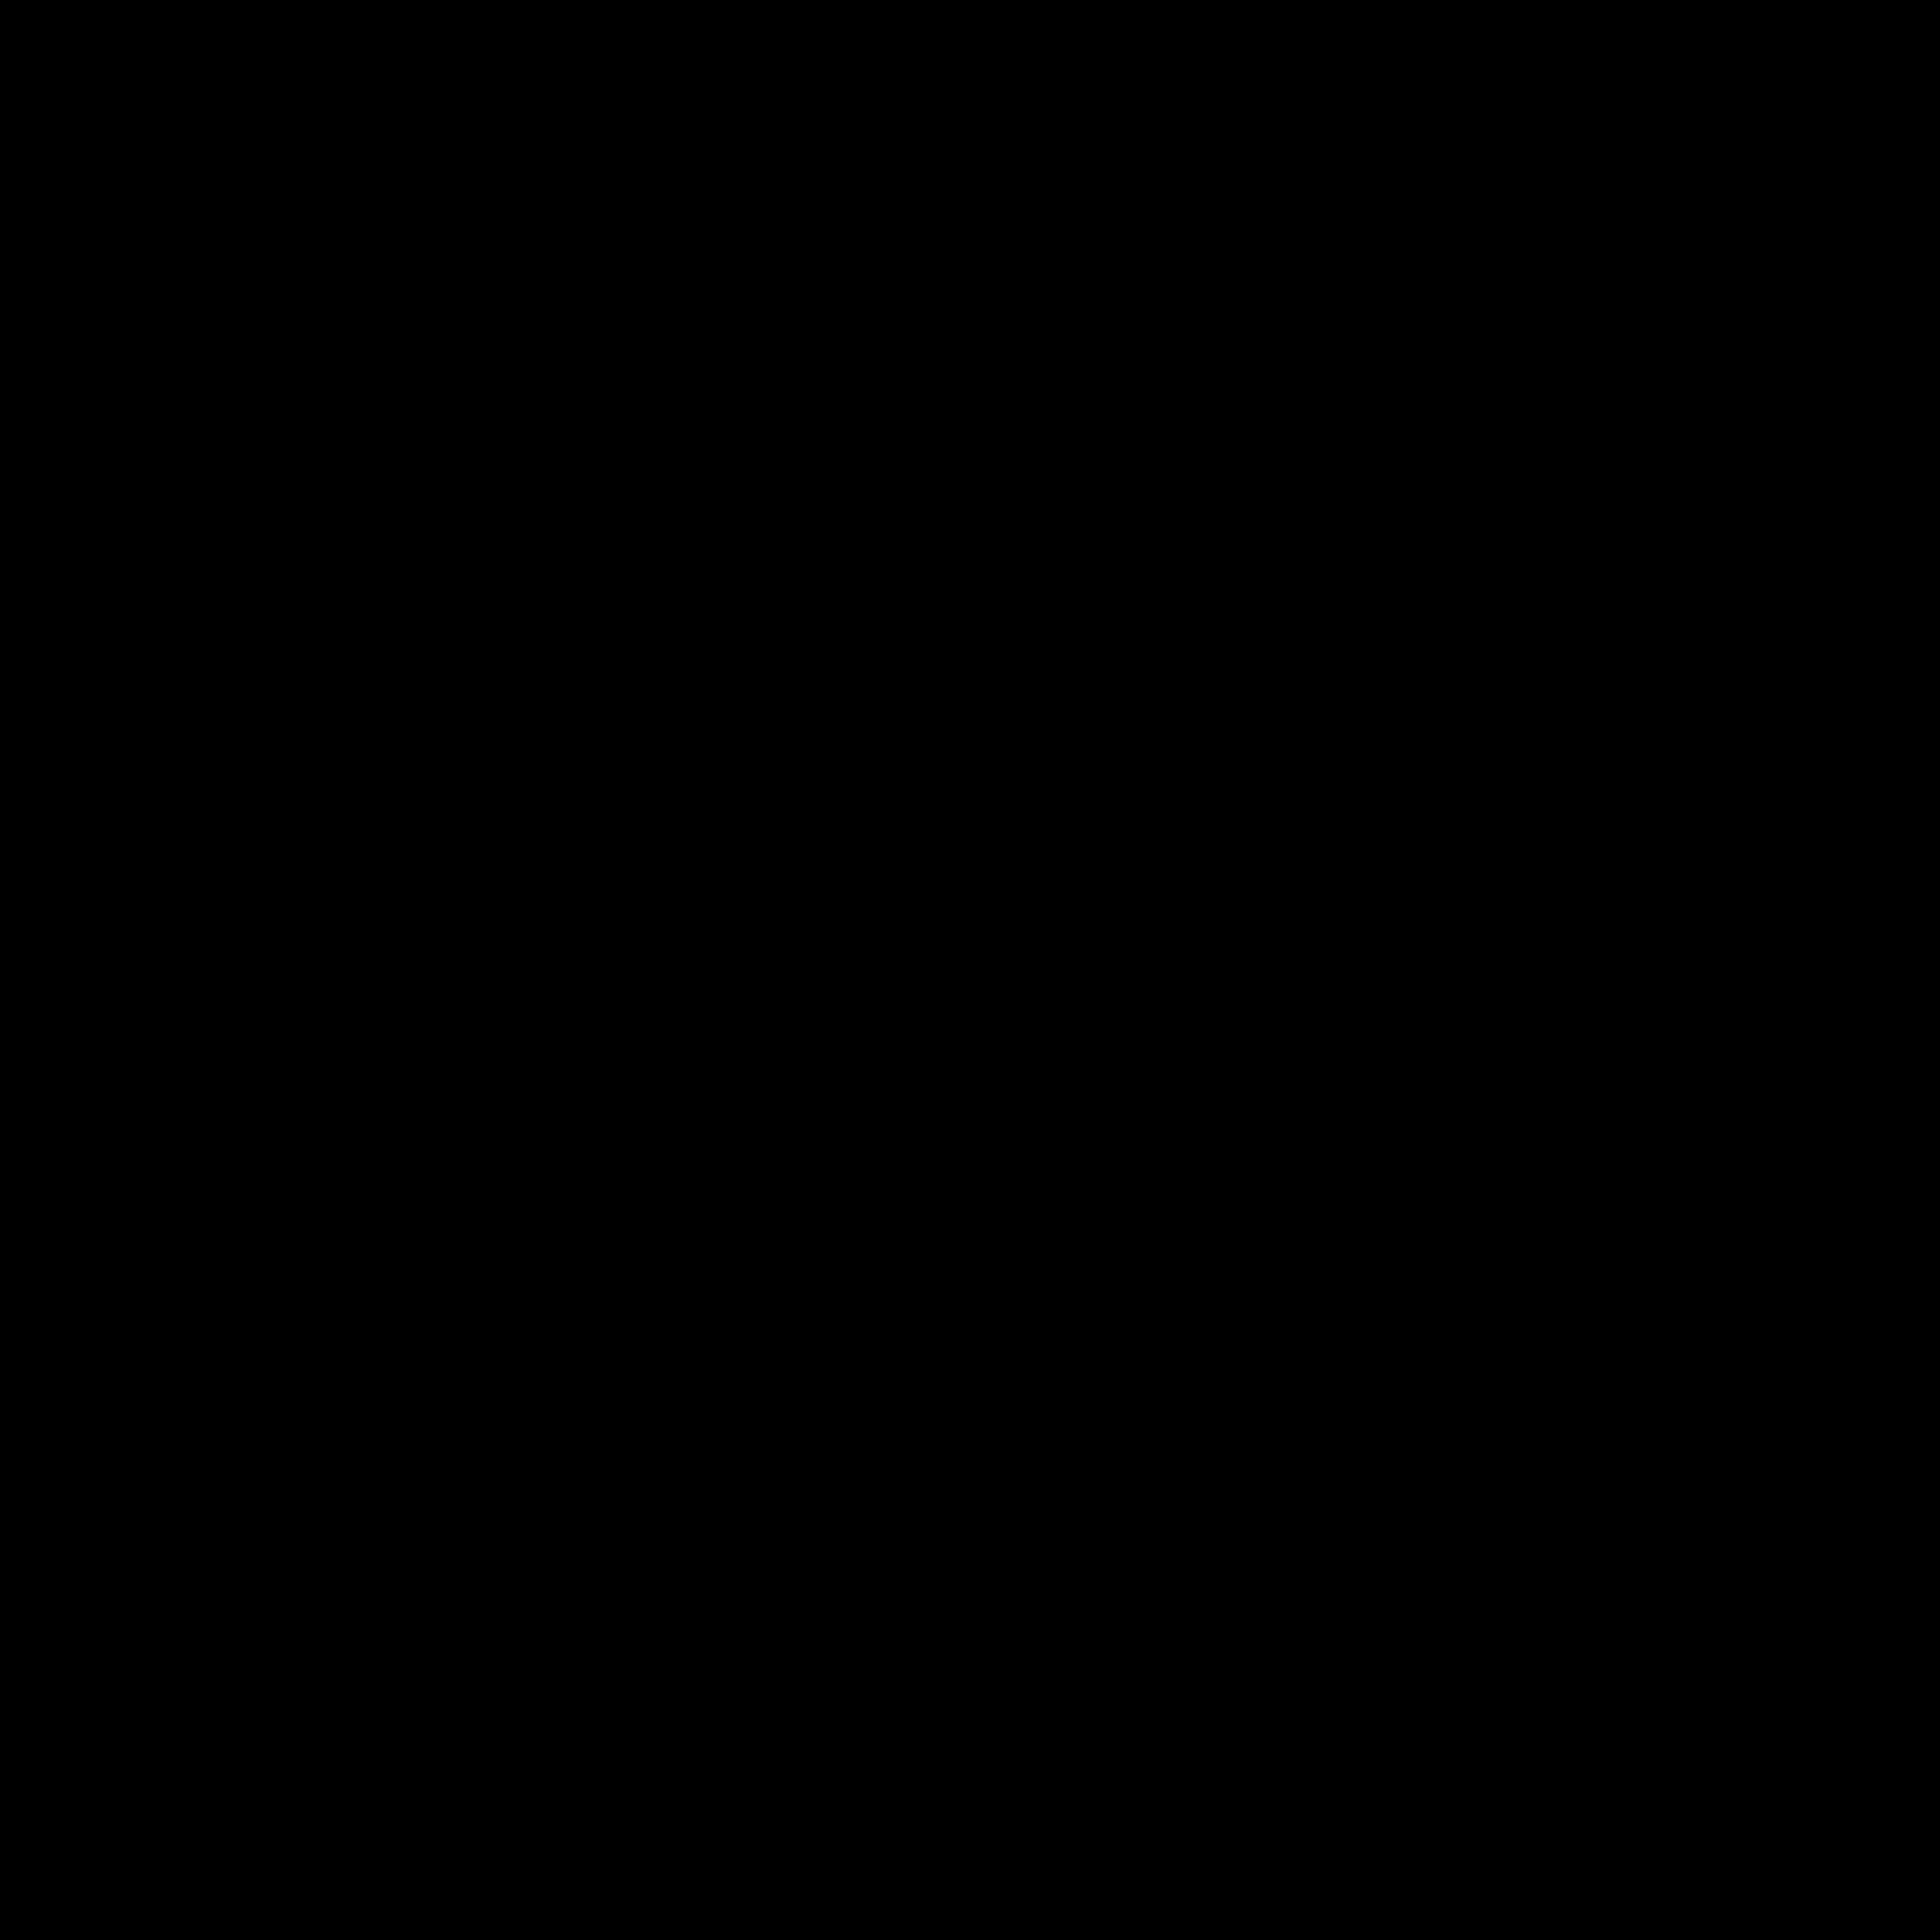 govuk, black icon